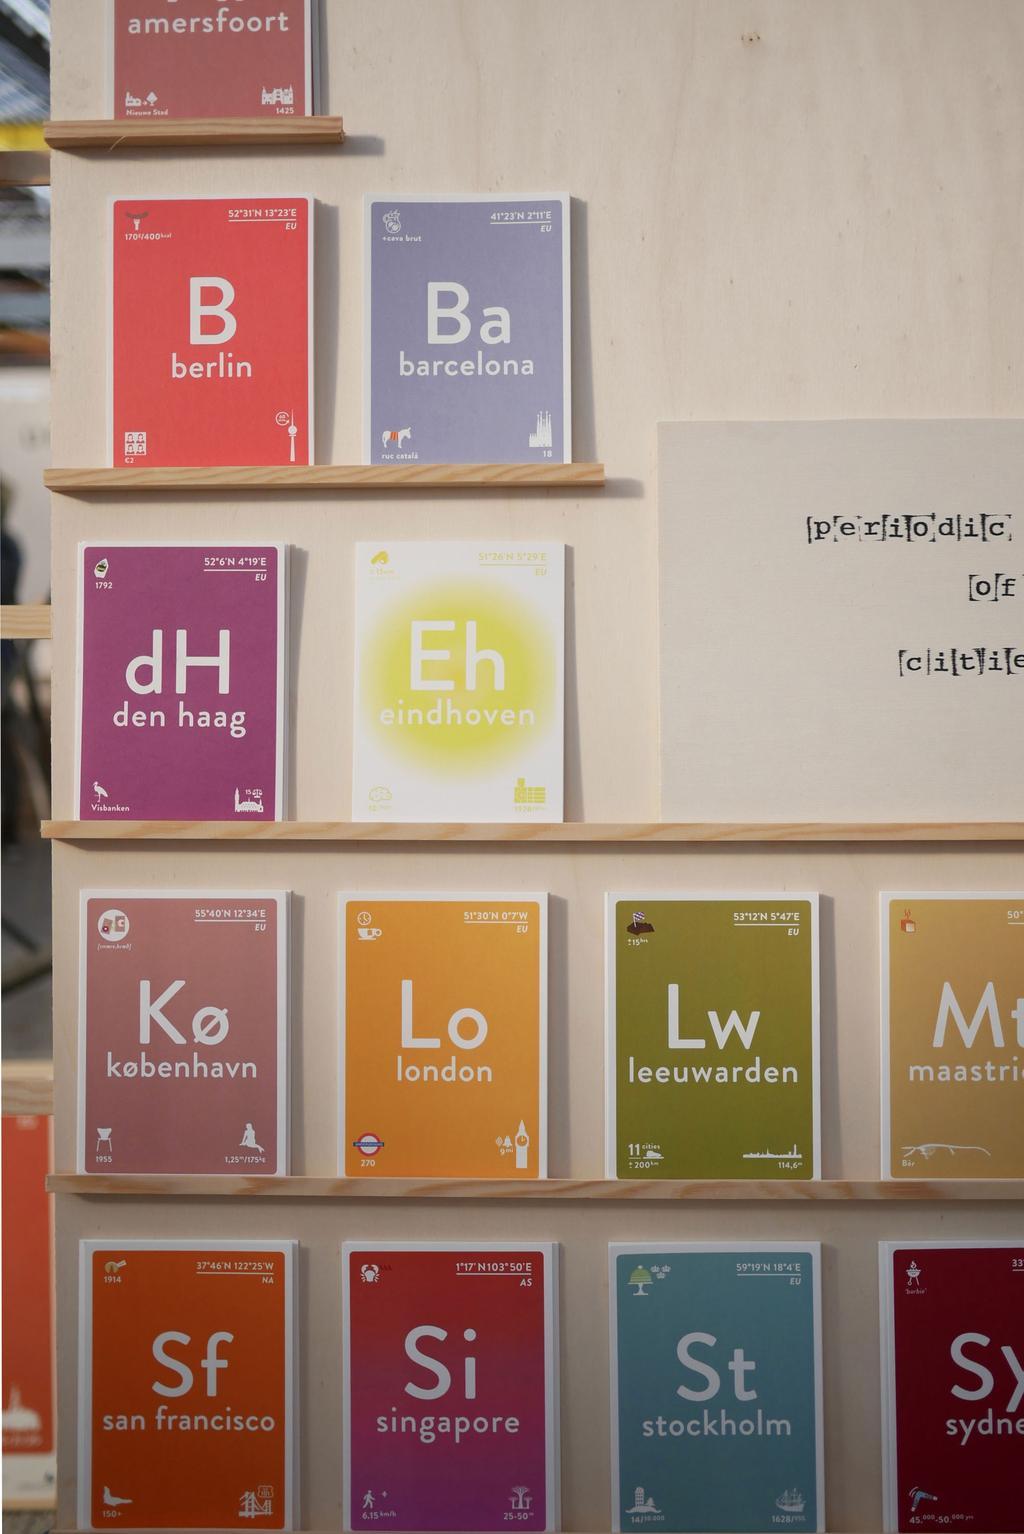 Label of Elements op de beurs showUP met elementen als wanddecoratie